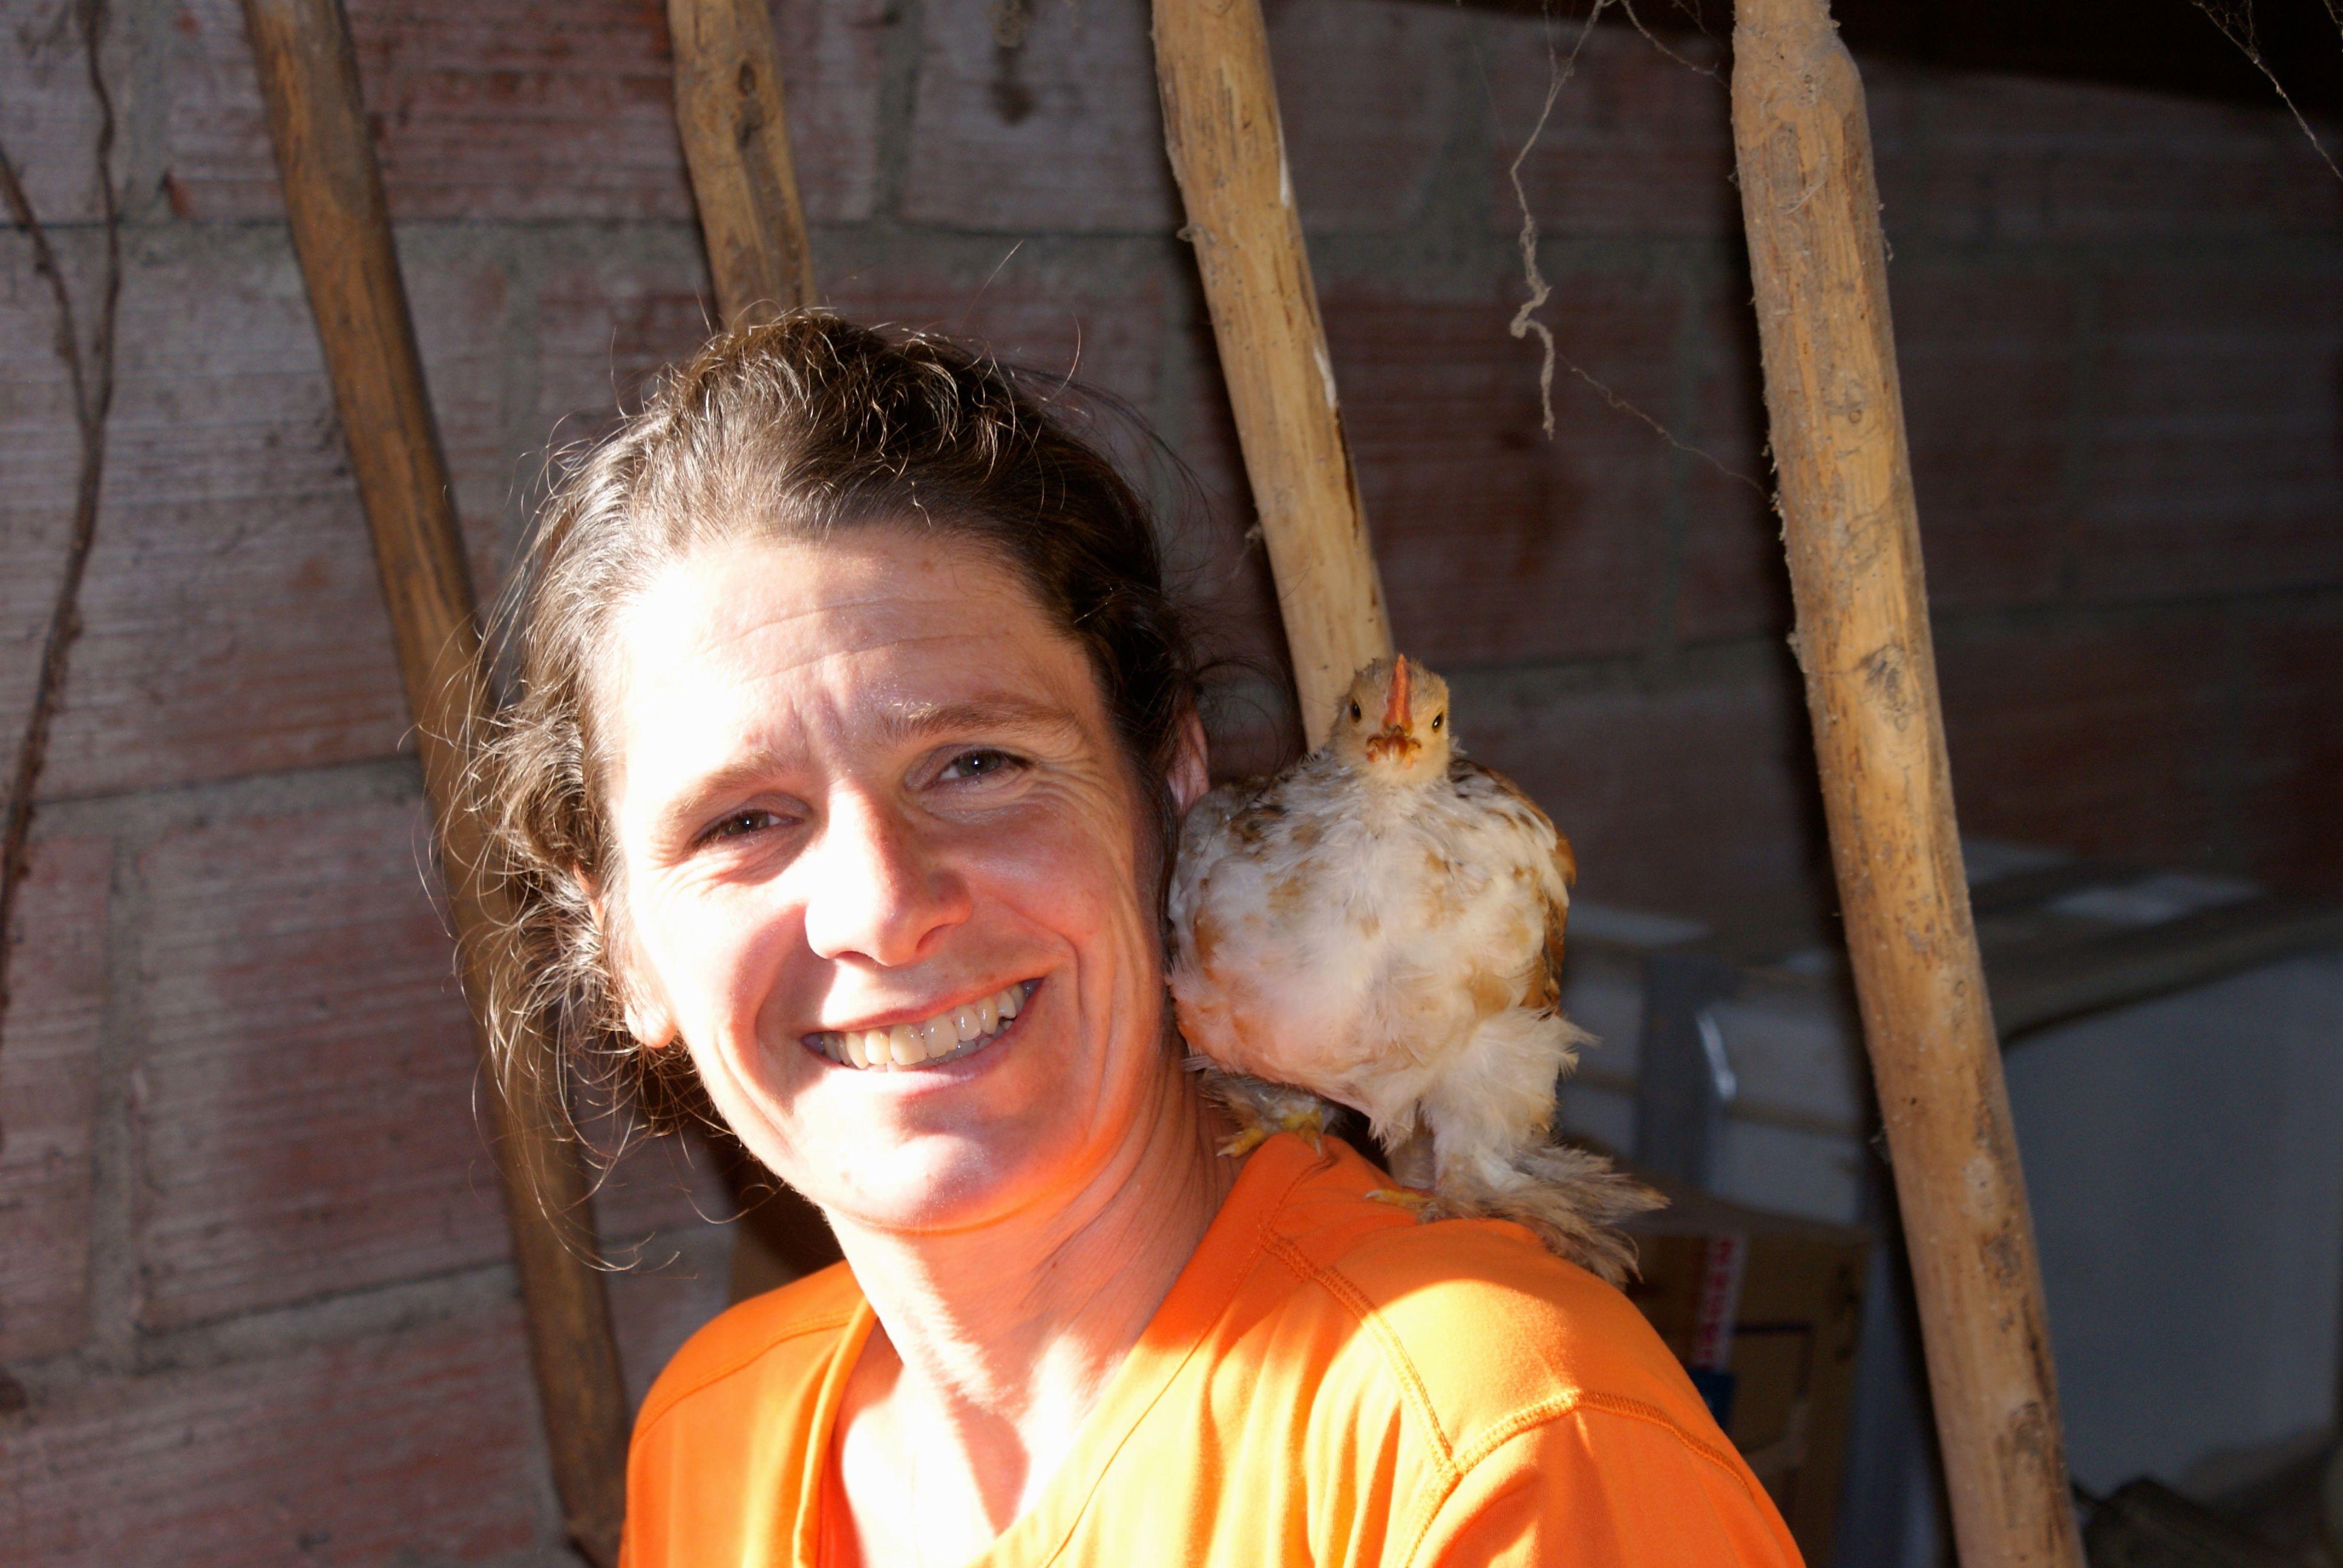 Timy, un petit poulet gai et entraînant